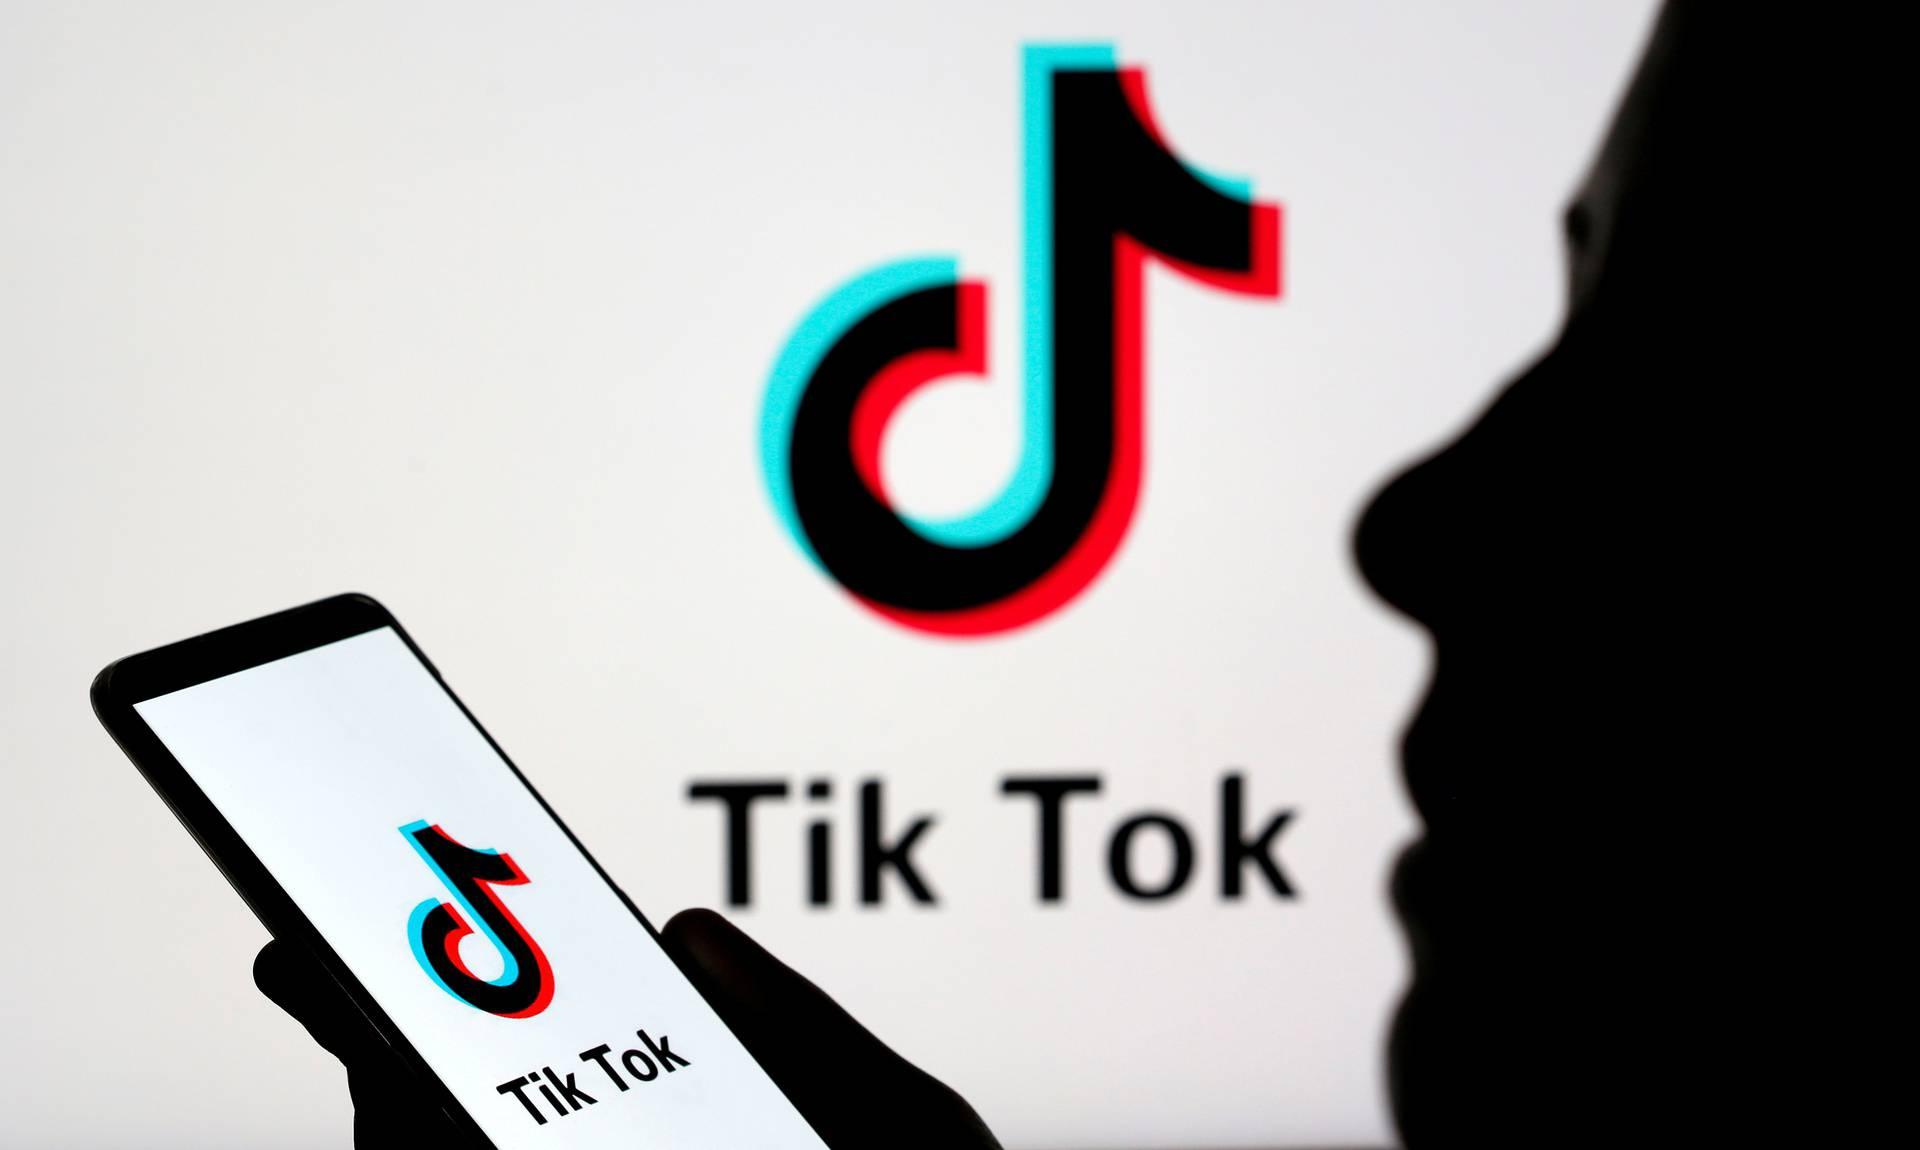 Zbog korone prihodi vlasnika TikTok-a povećani za 130 posto